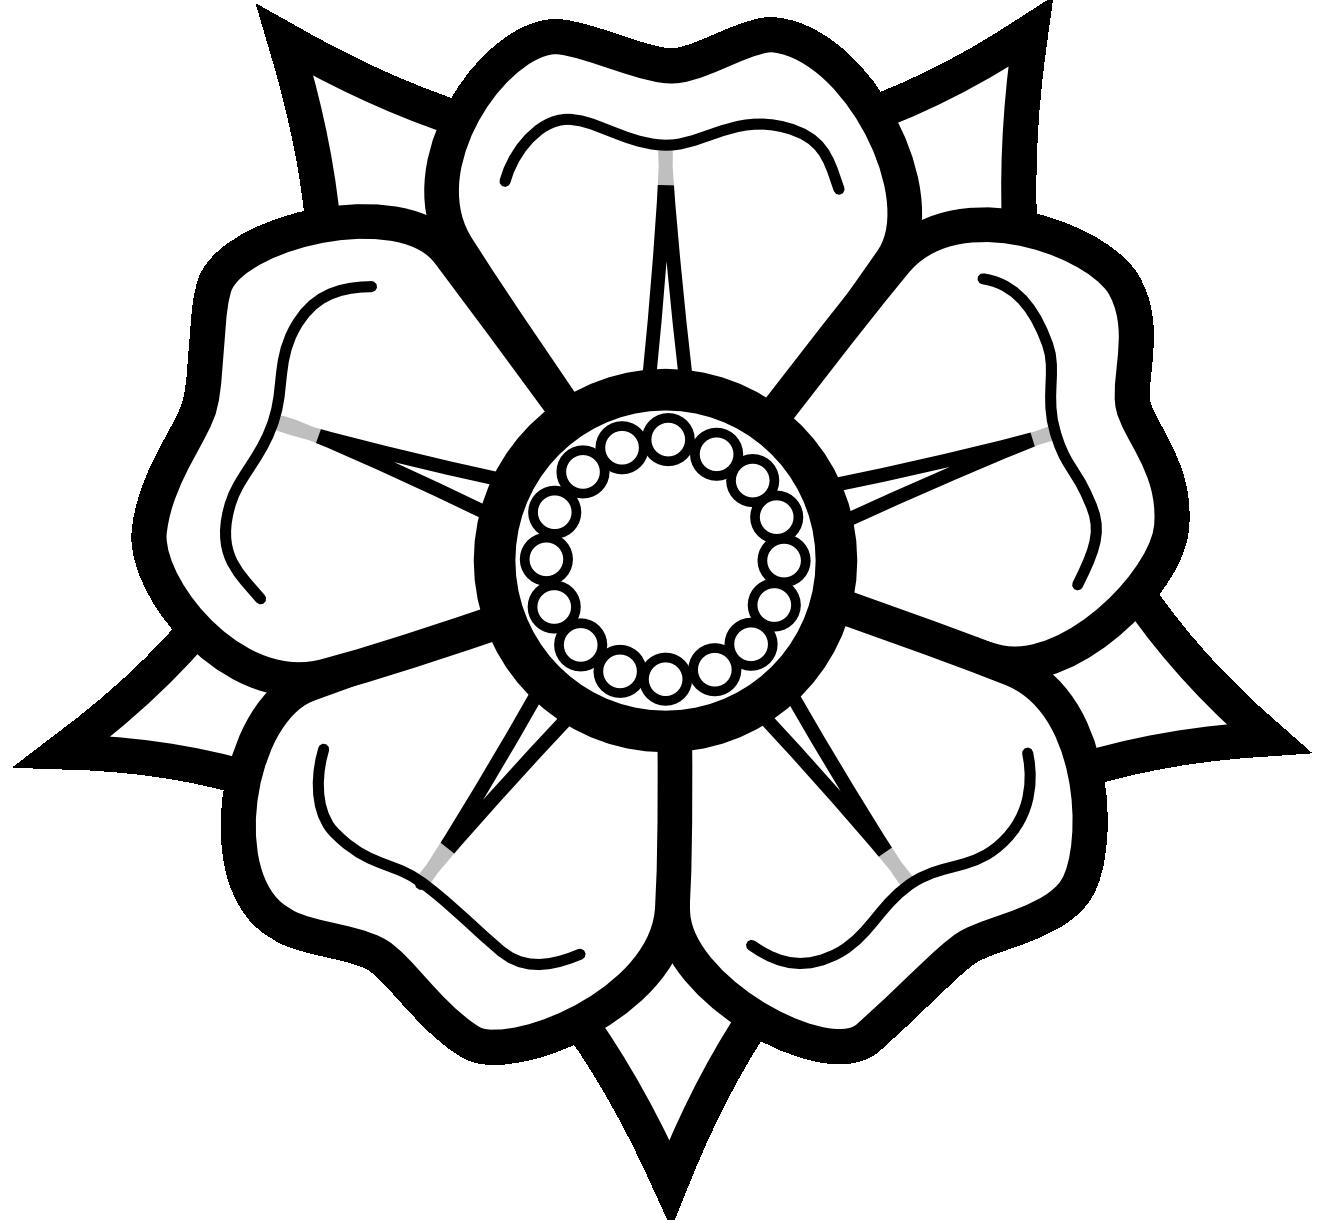 Heraldisch lippische rose black. Dreamcatcher clipart bead tattoo